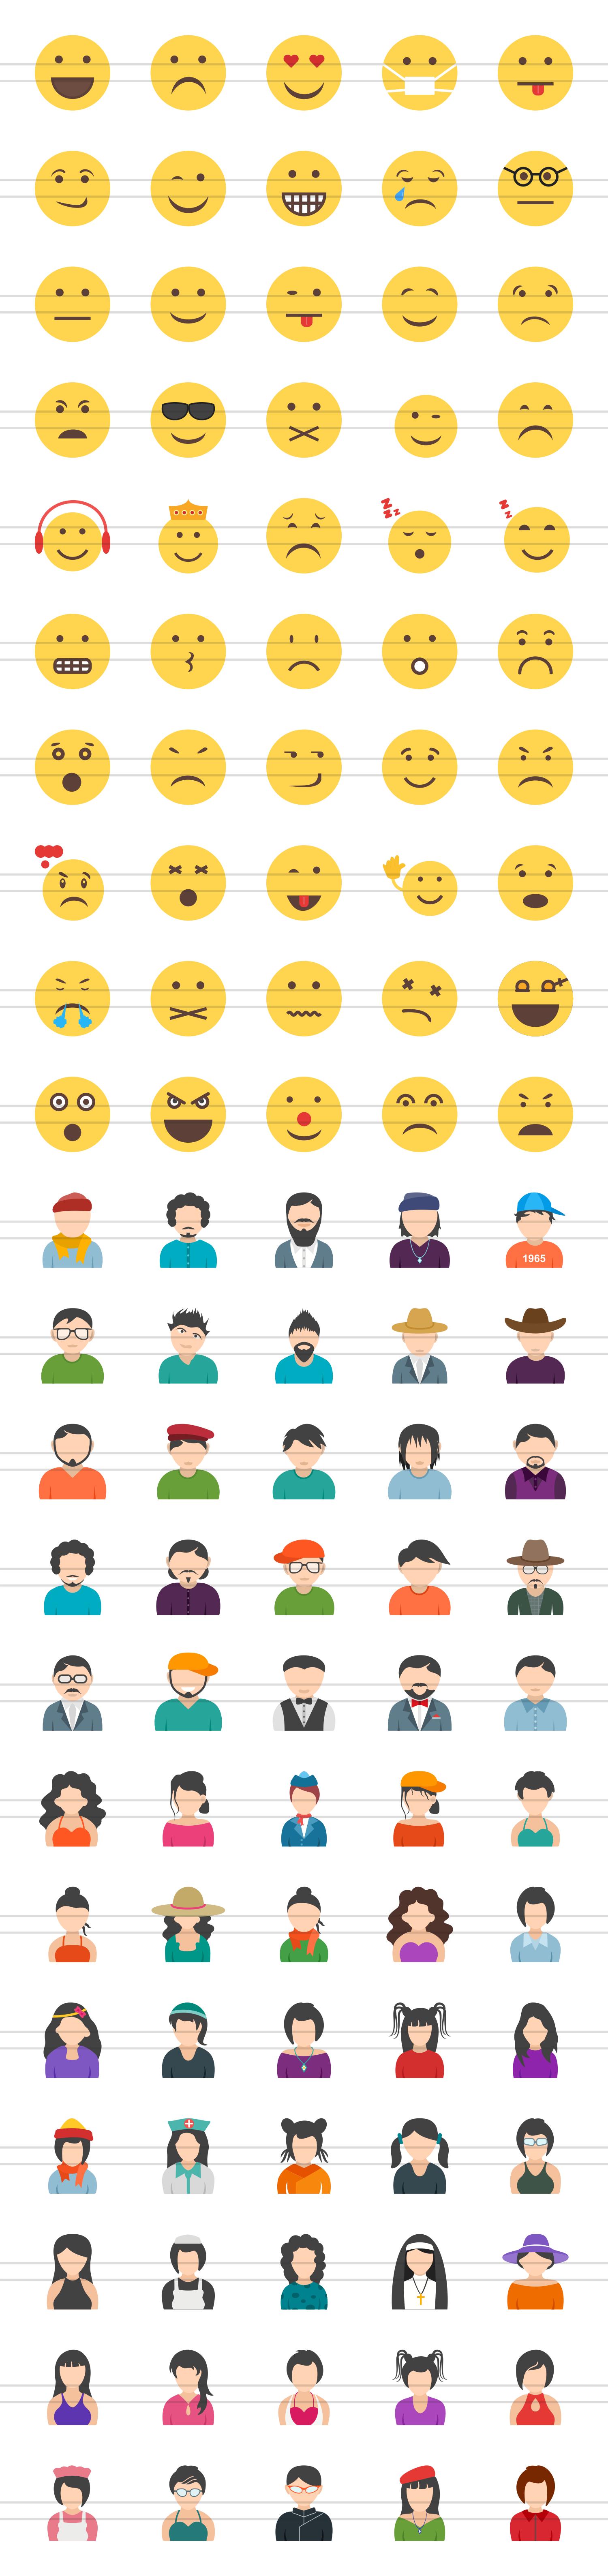 110 Avatars & Emoticons Flat Icons example image 2